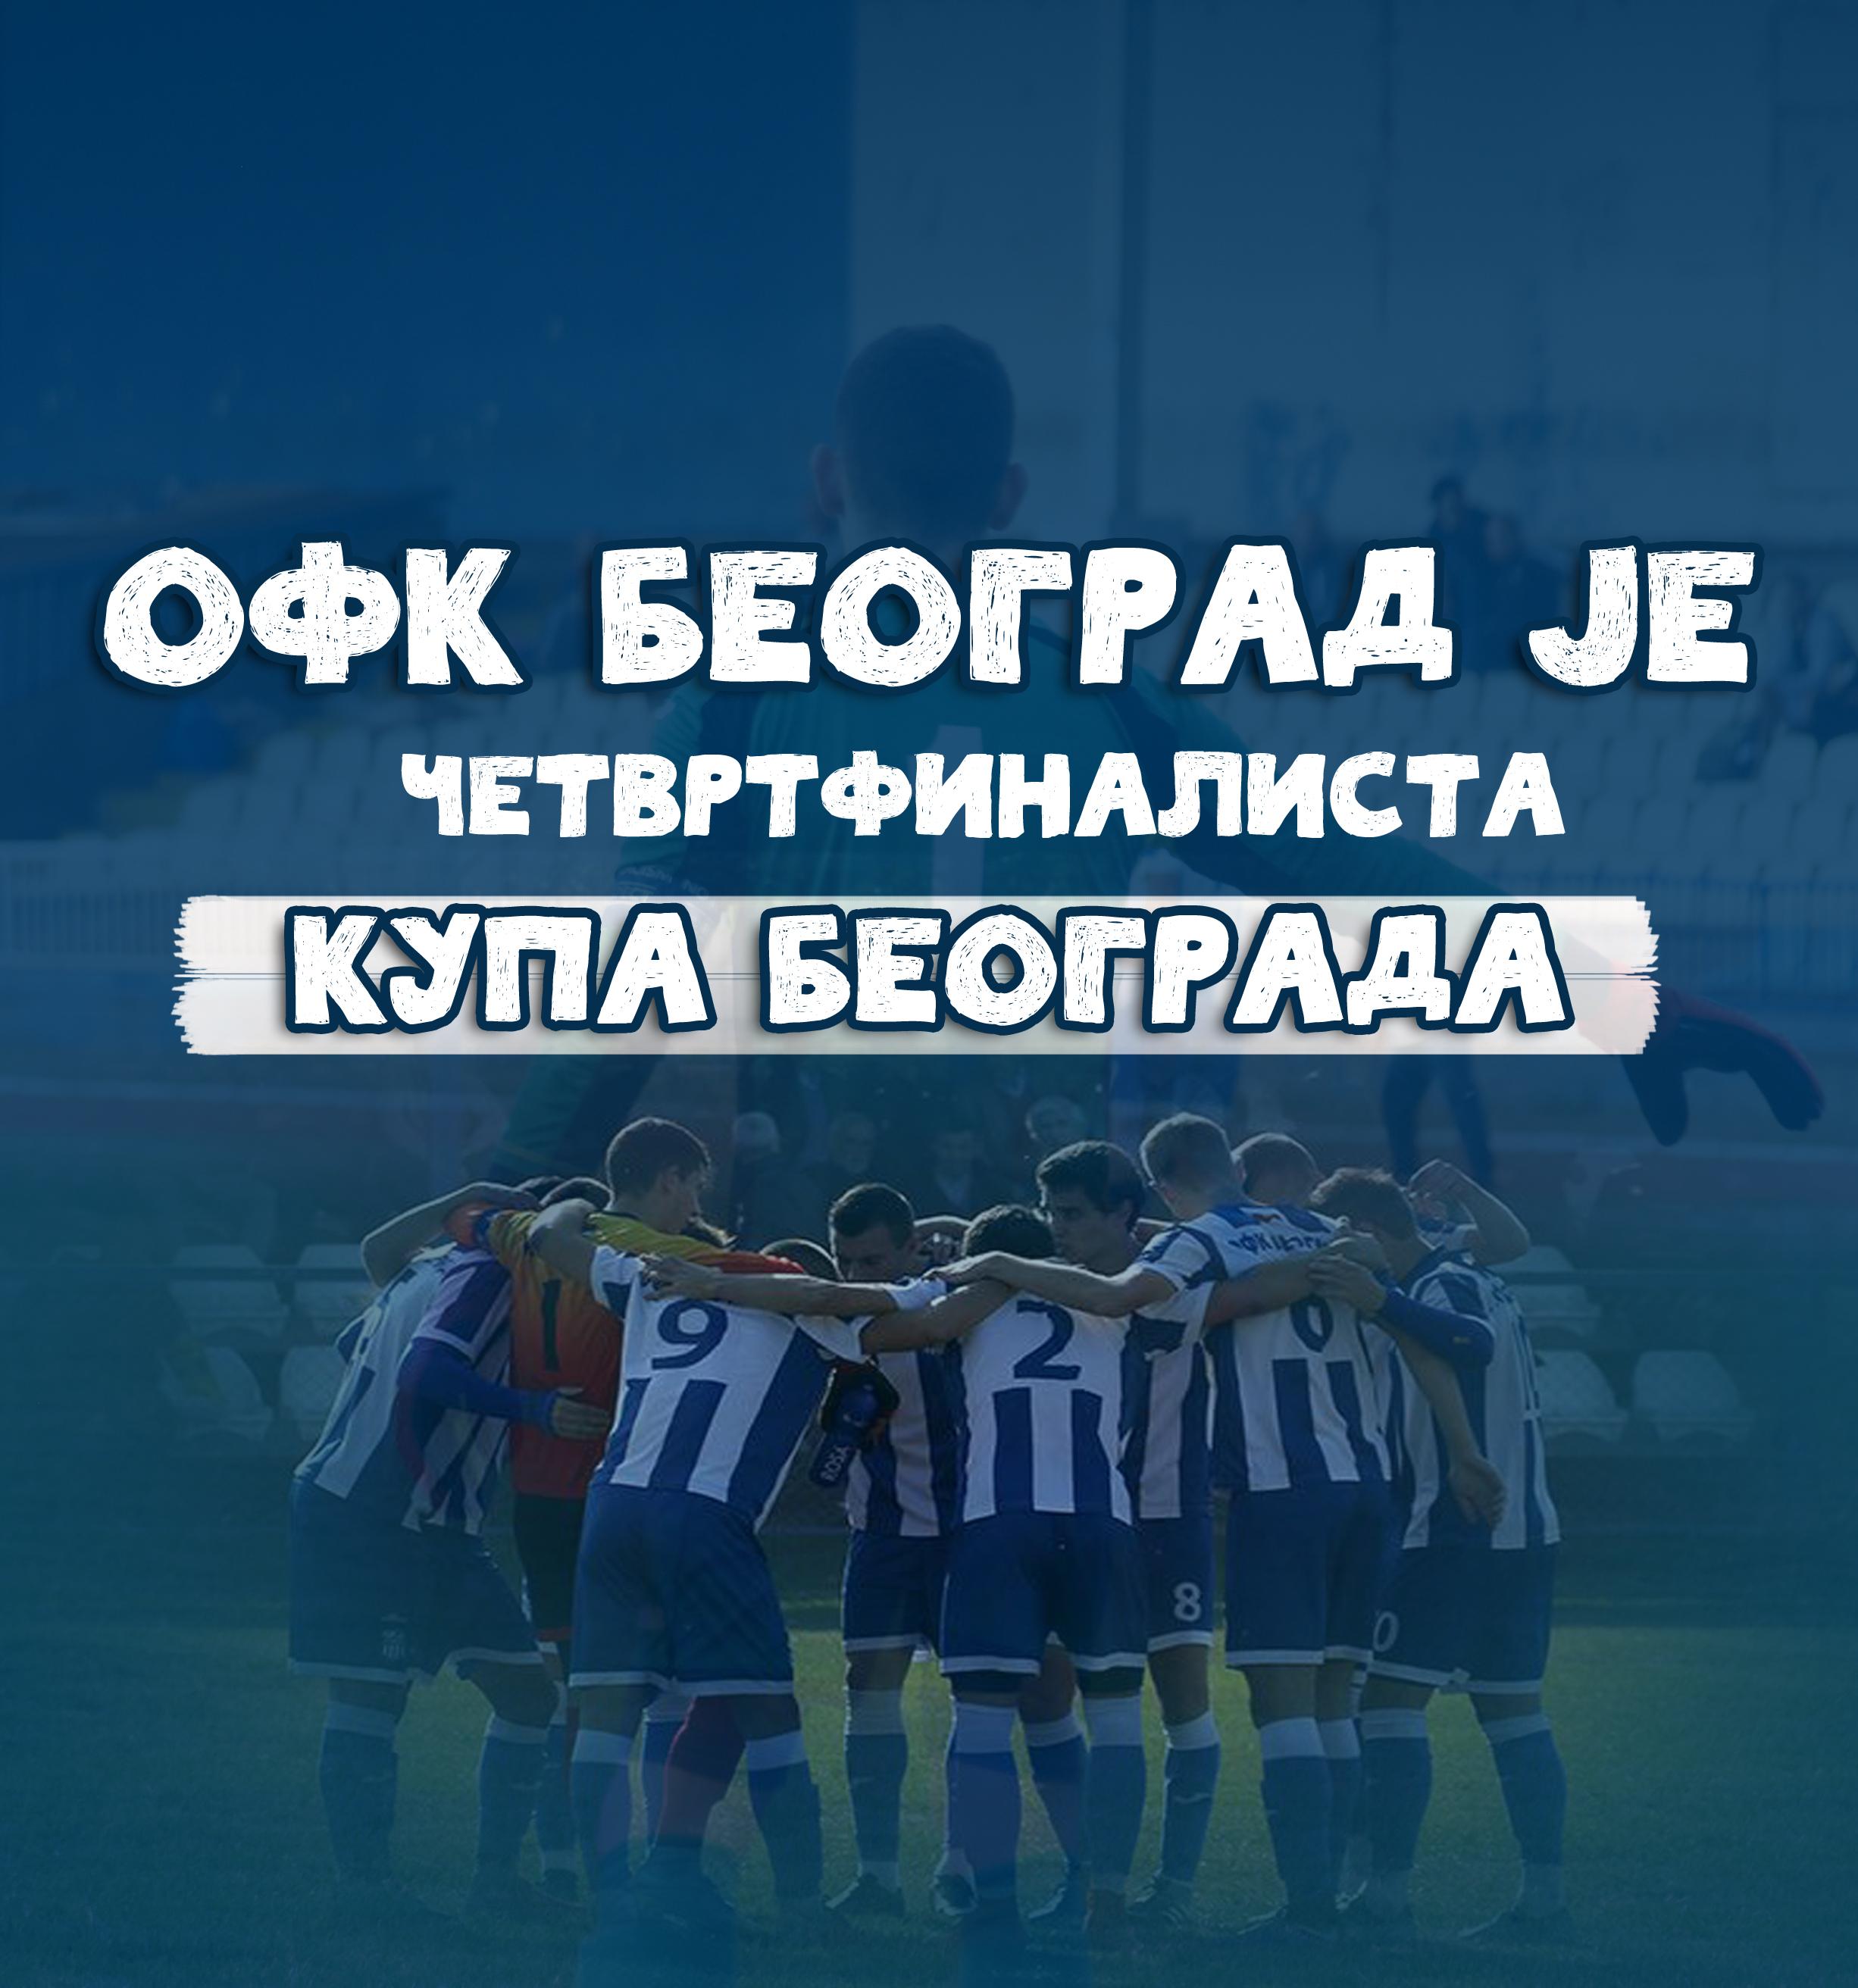 ОФК Београд у четвртфиналу купа Београда!